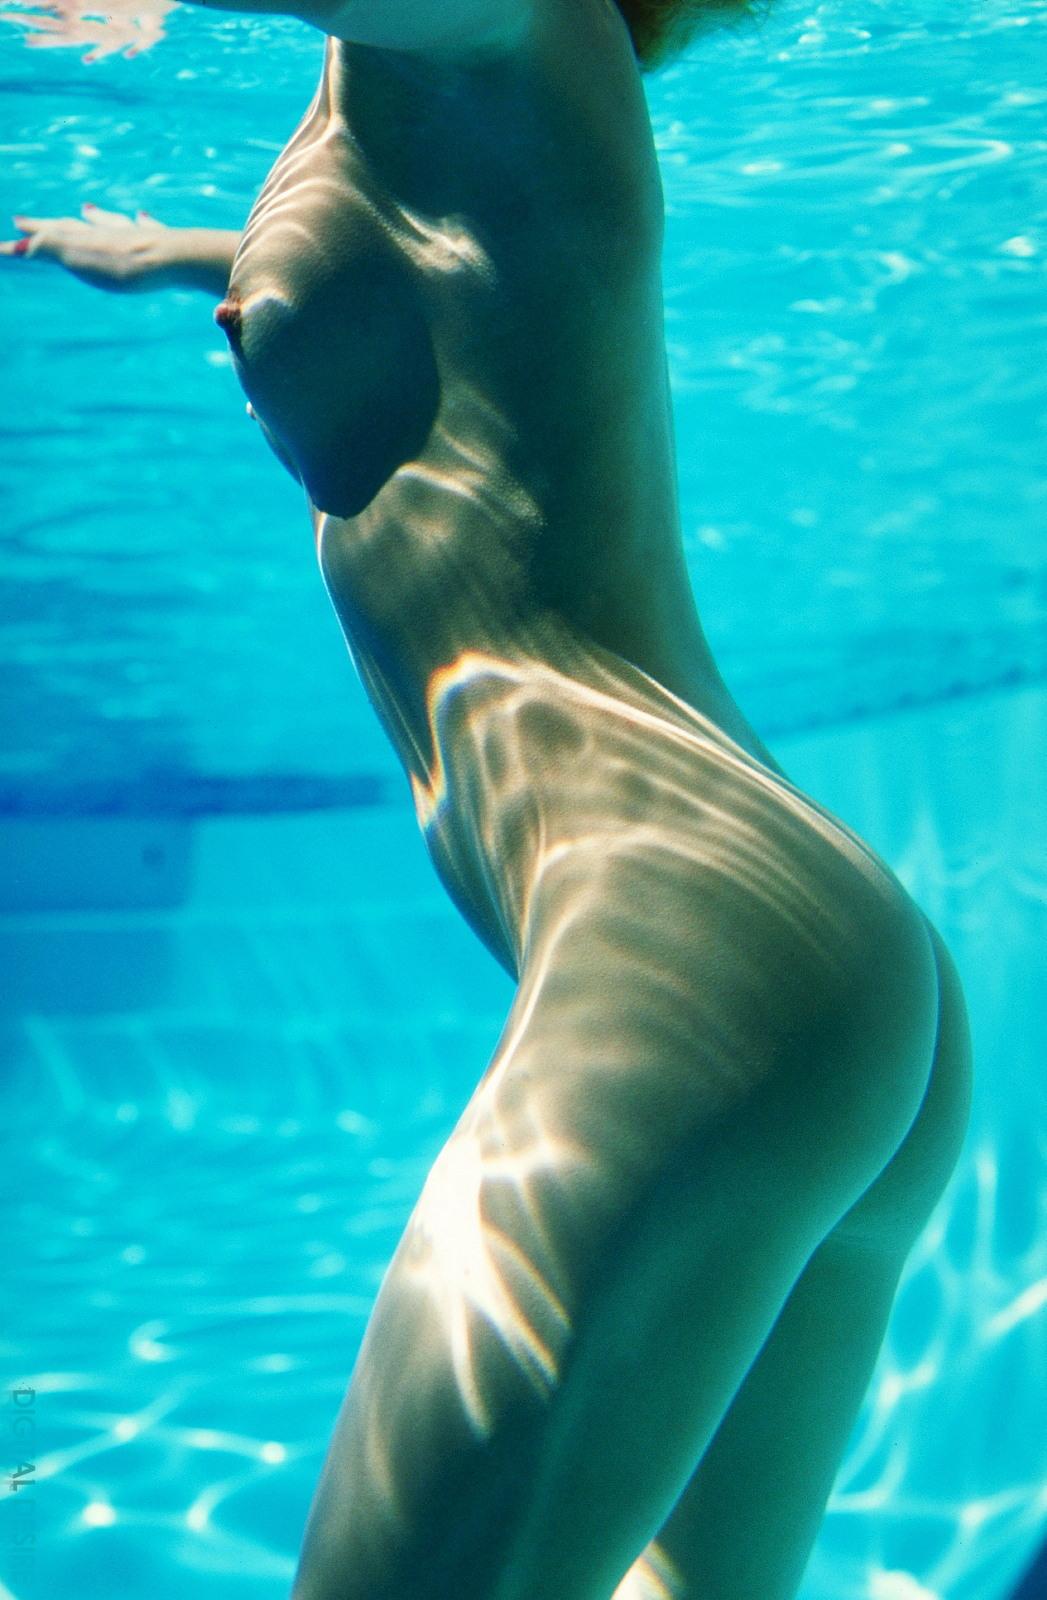 夏のプールで乳首全開放してるセレブ達wwwwwwwwwwww(画像37枚)・22枚目